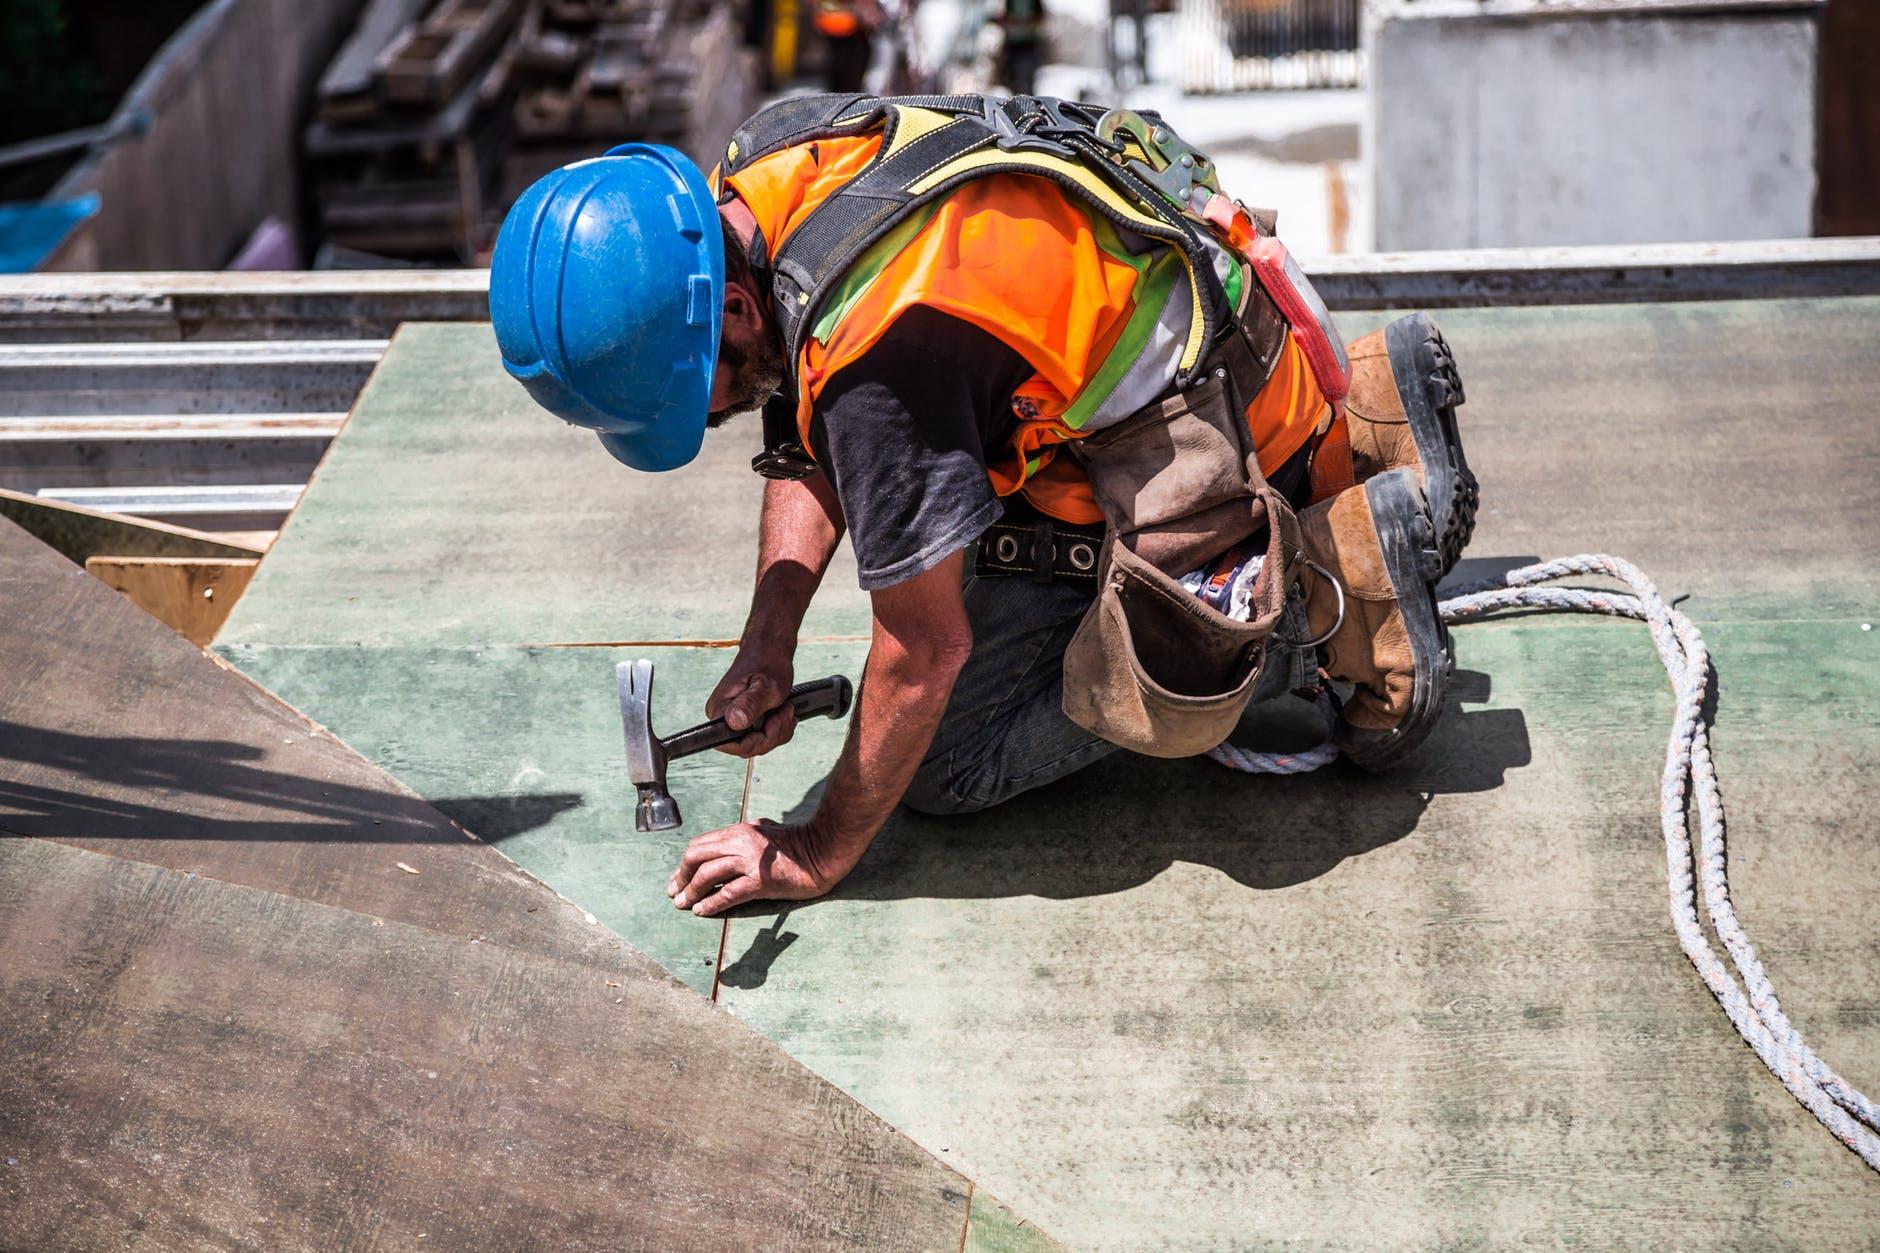 Handwerker auf Hausdach bei der Arbeit